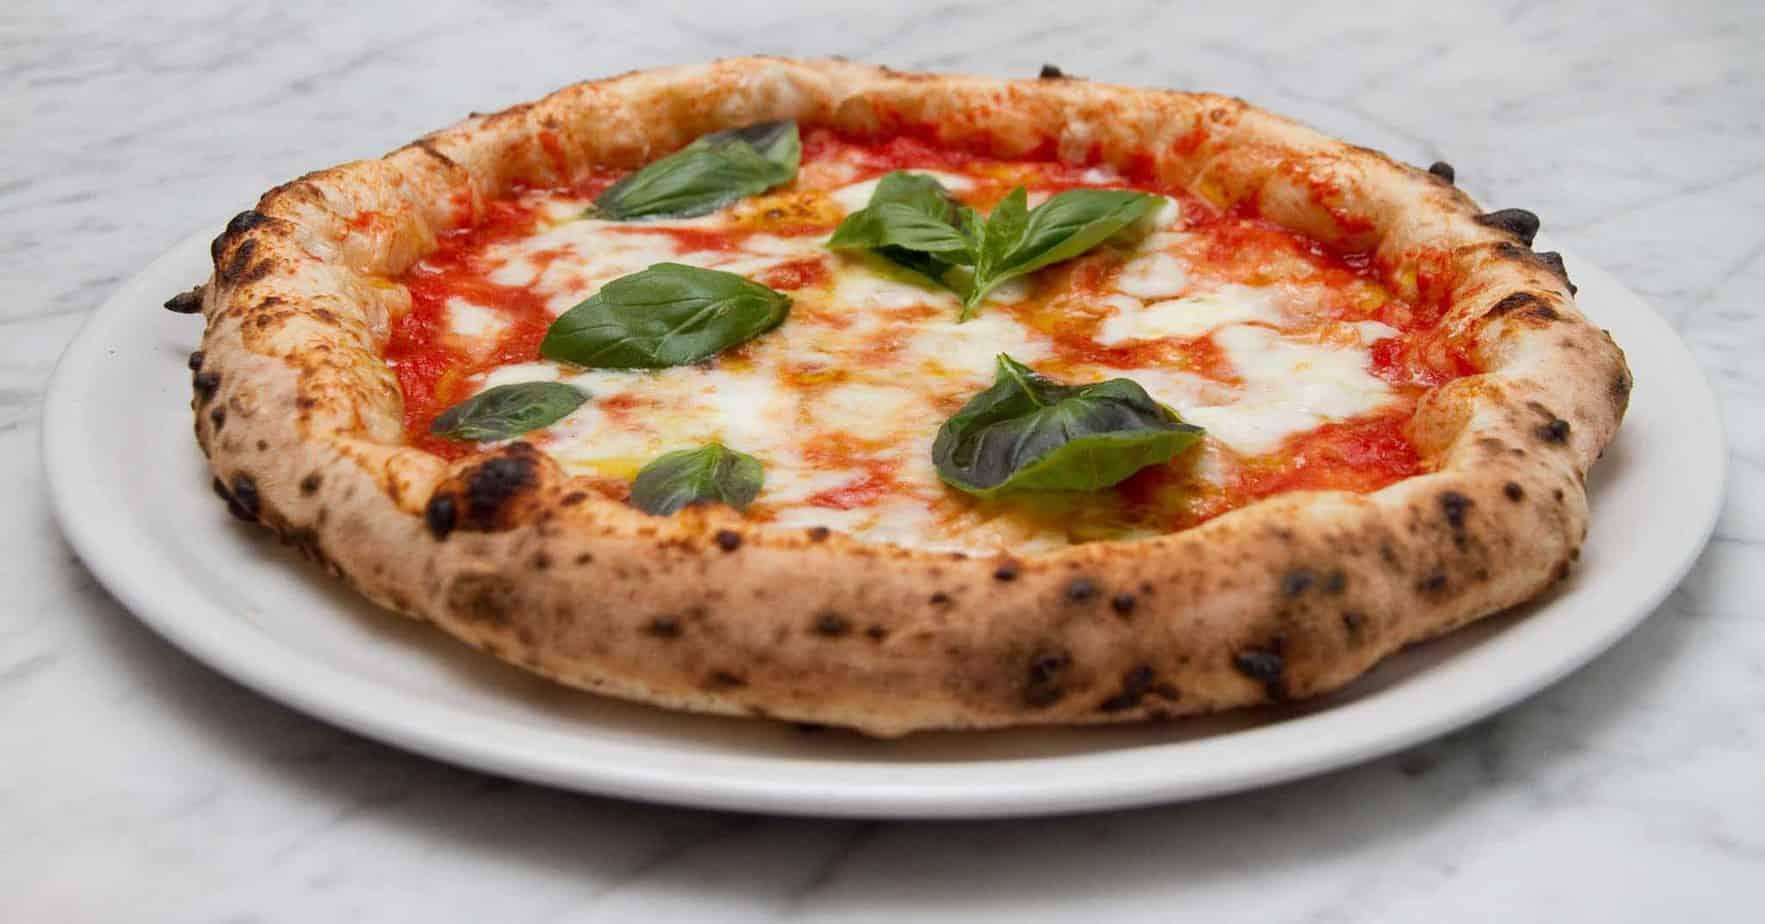 Ricetta Impasto Pizza Napoletana Gino Sorbillo.Come Fare La Vera Pizza Napoletana Guida Per Pizzaioli Professionisti Latteria Sorrentina